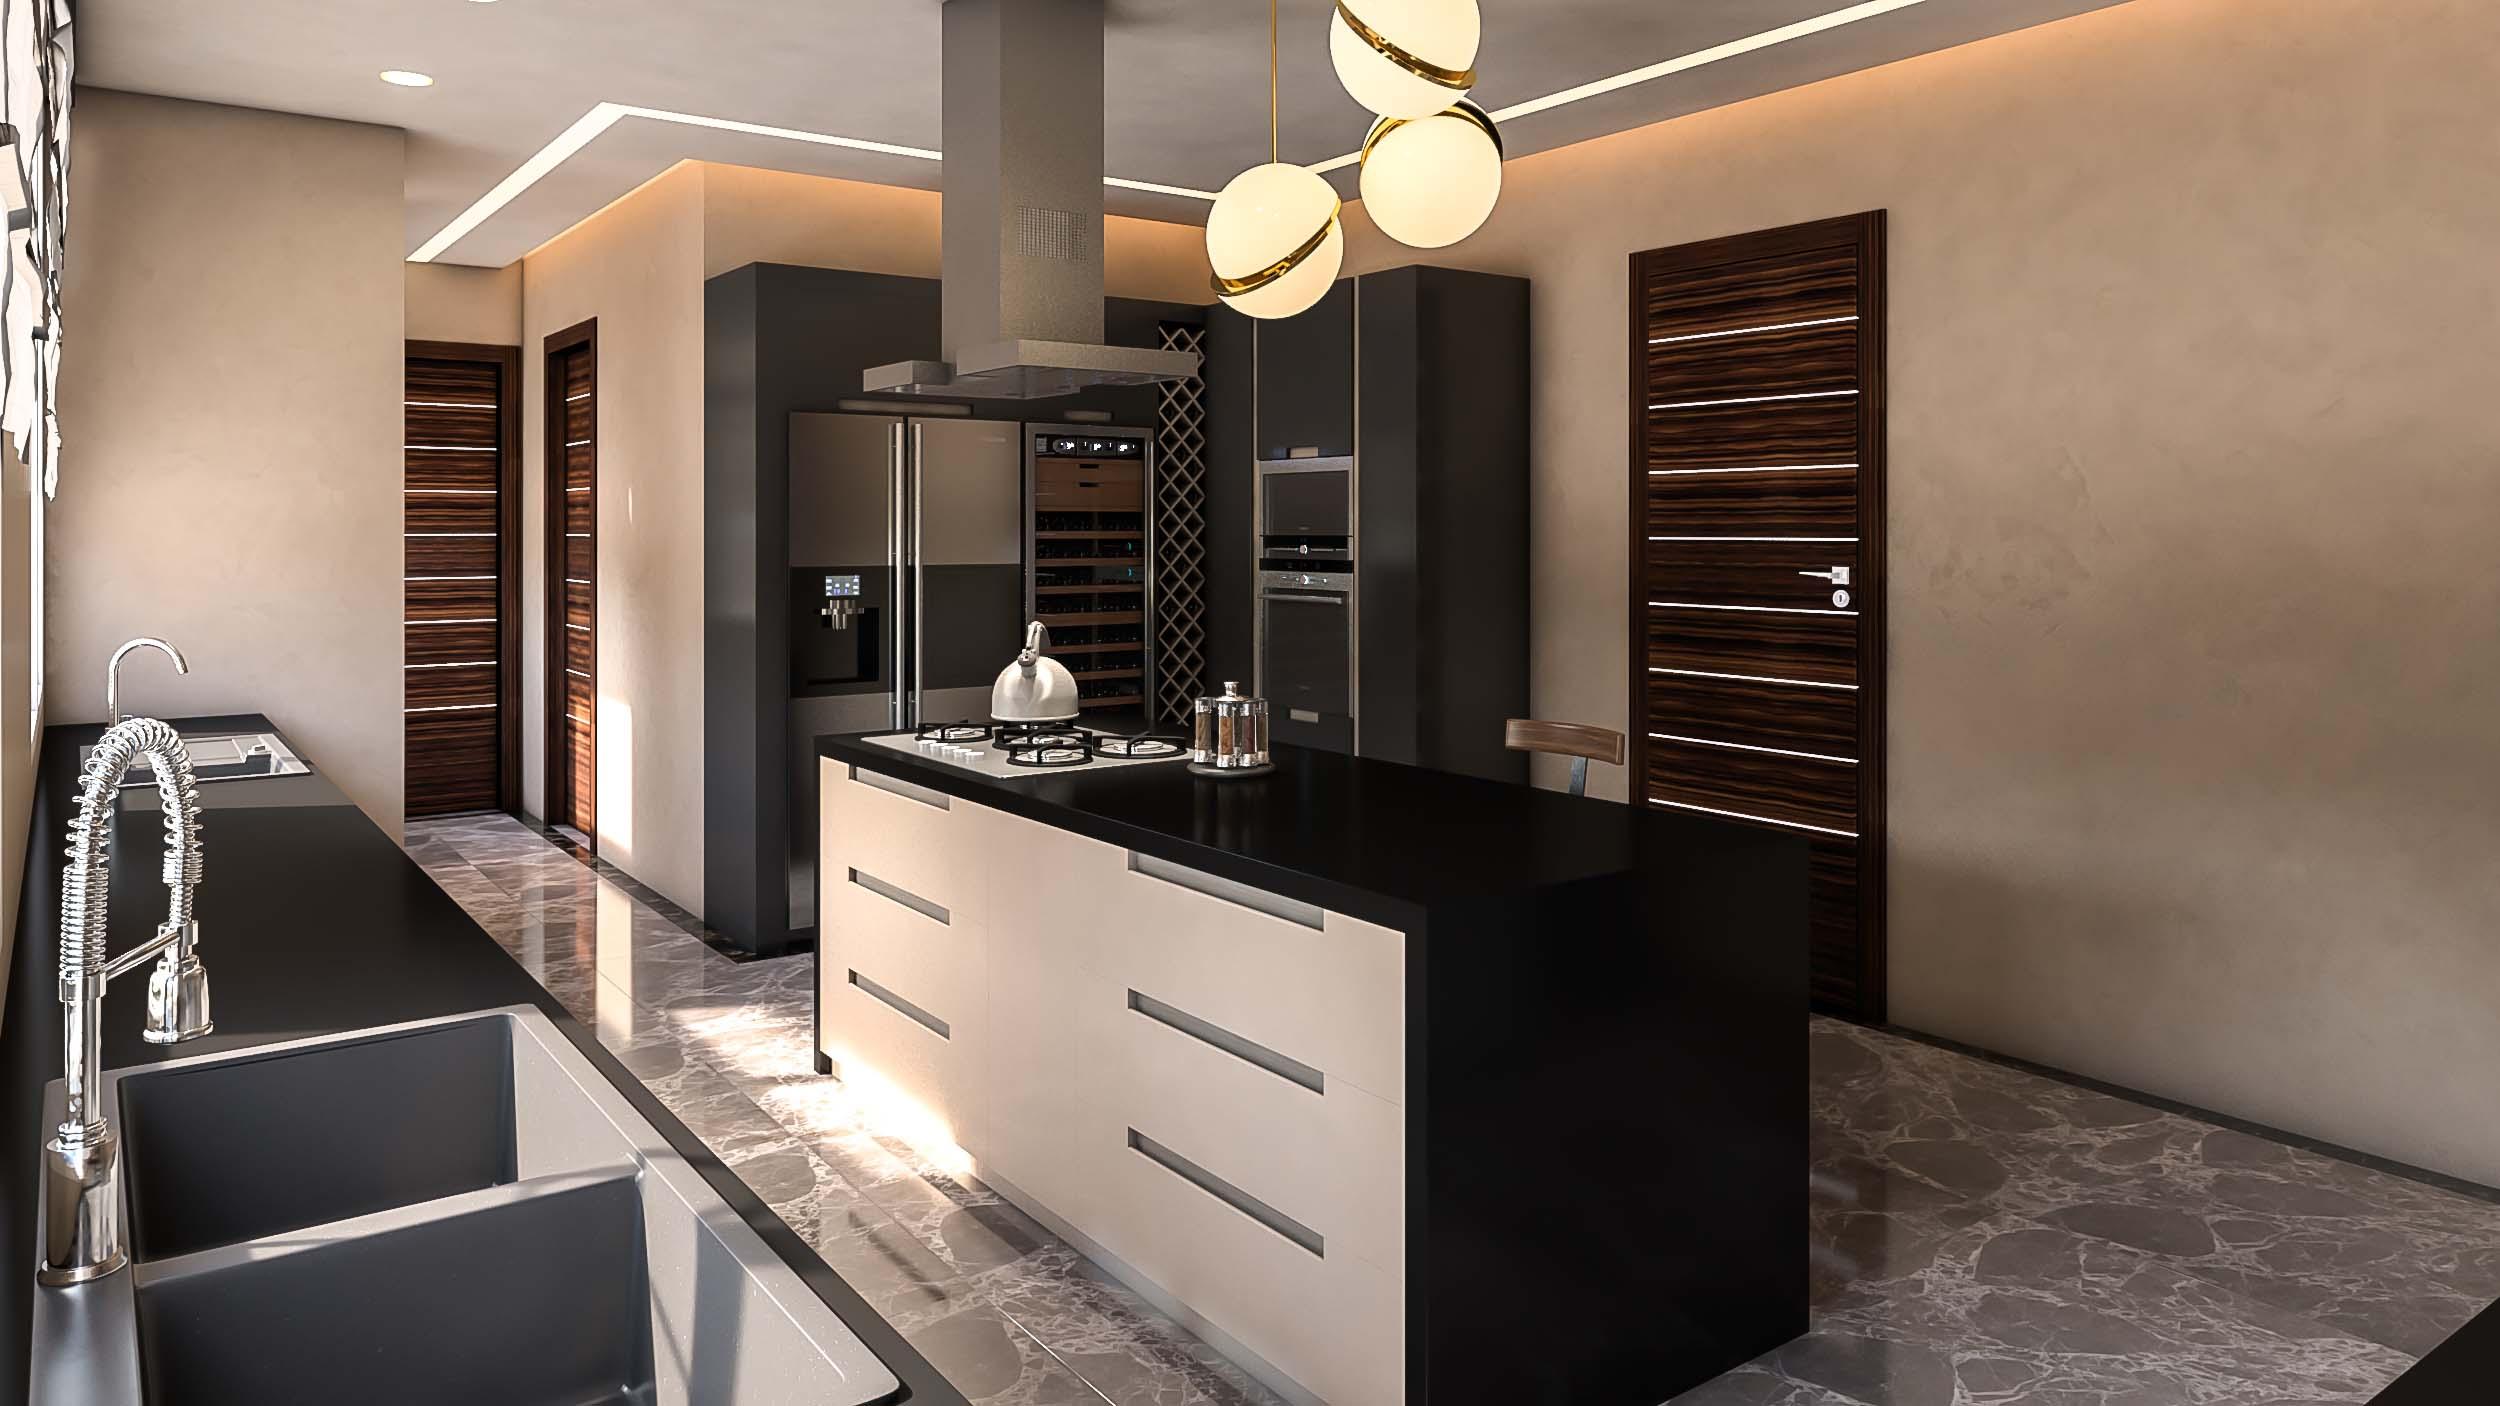 DM Kitchen Web 2.jpg